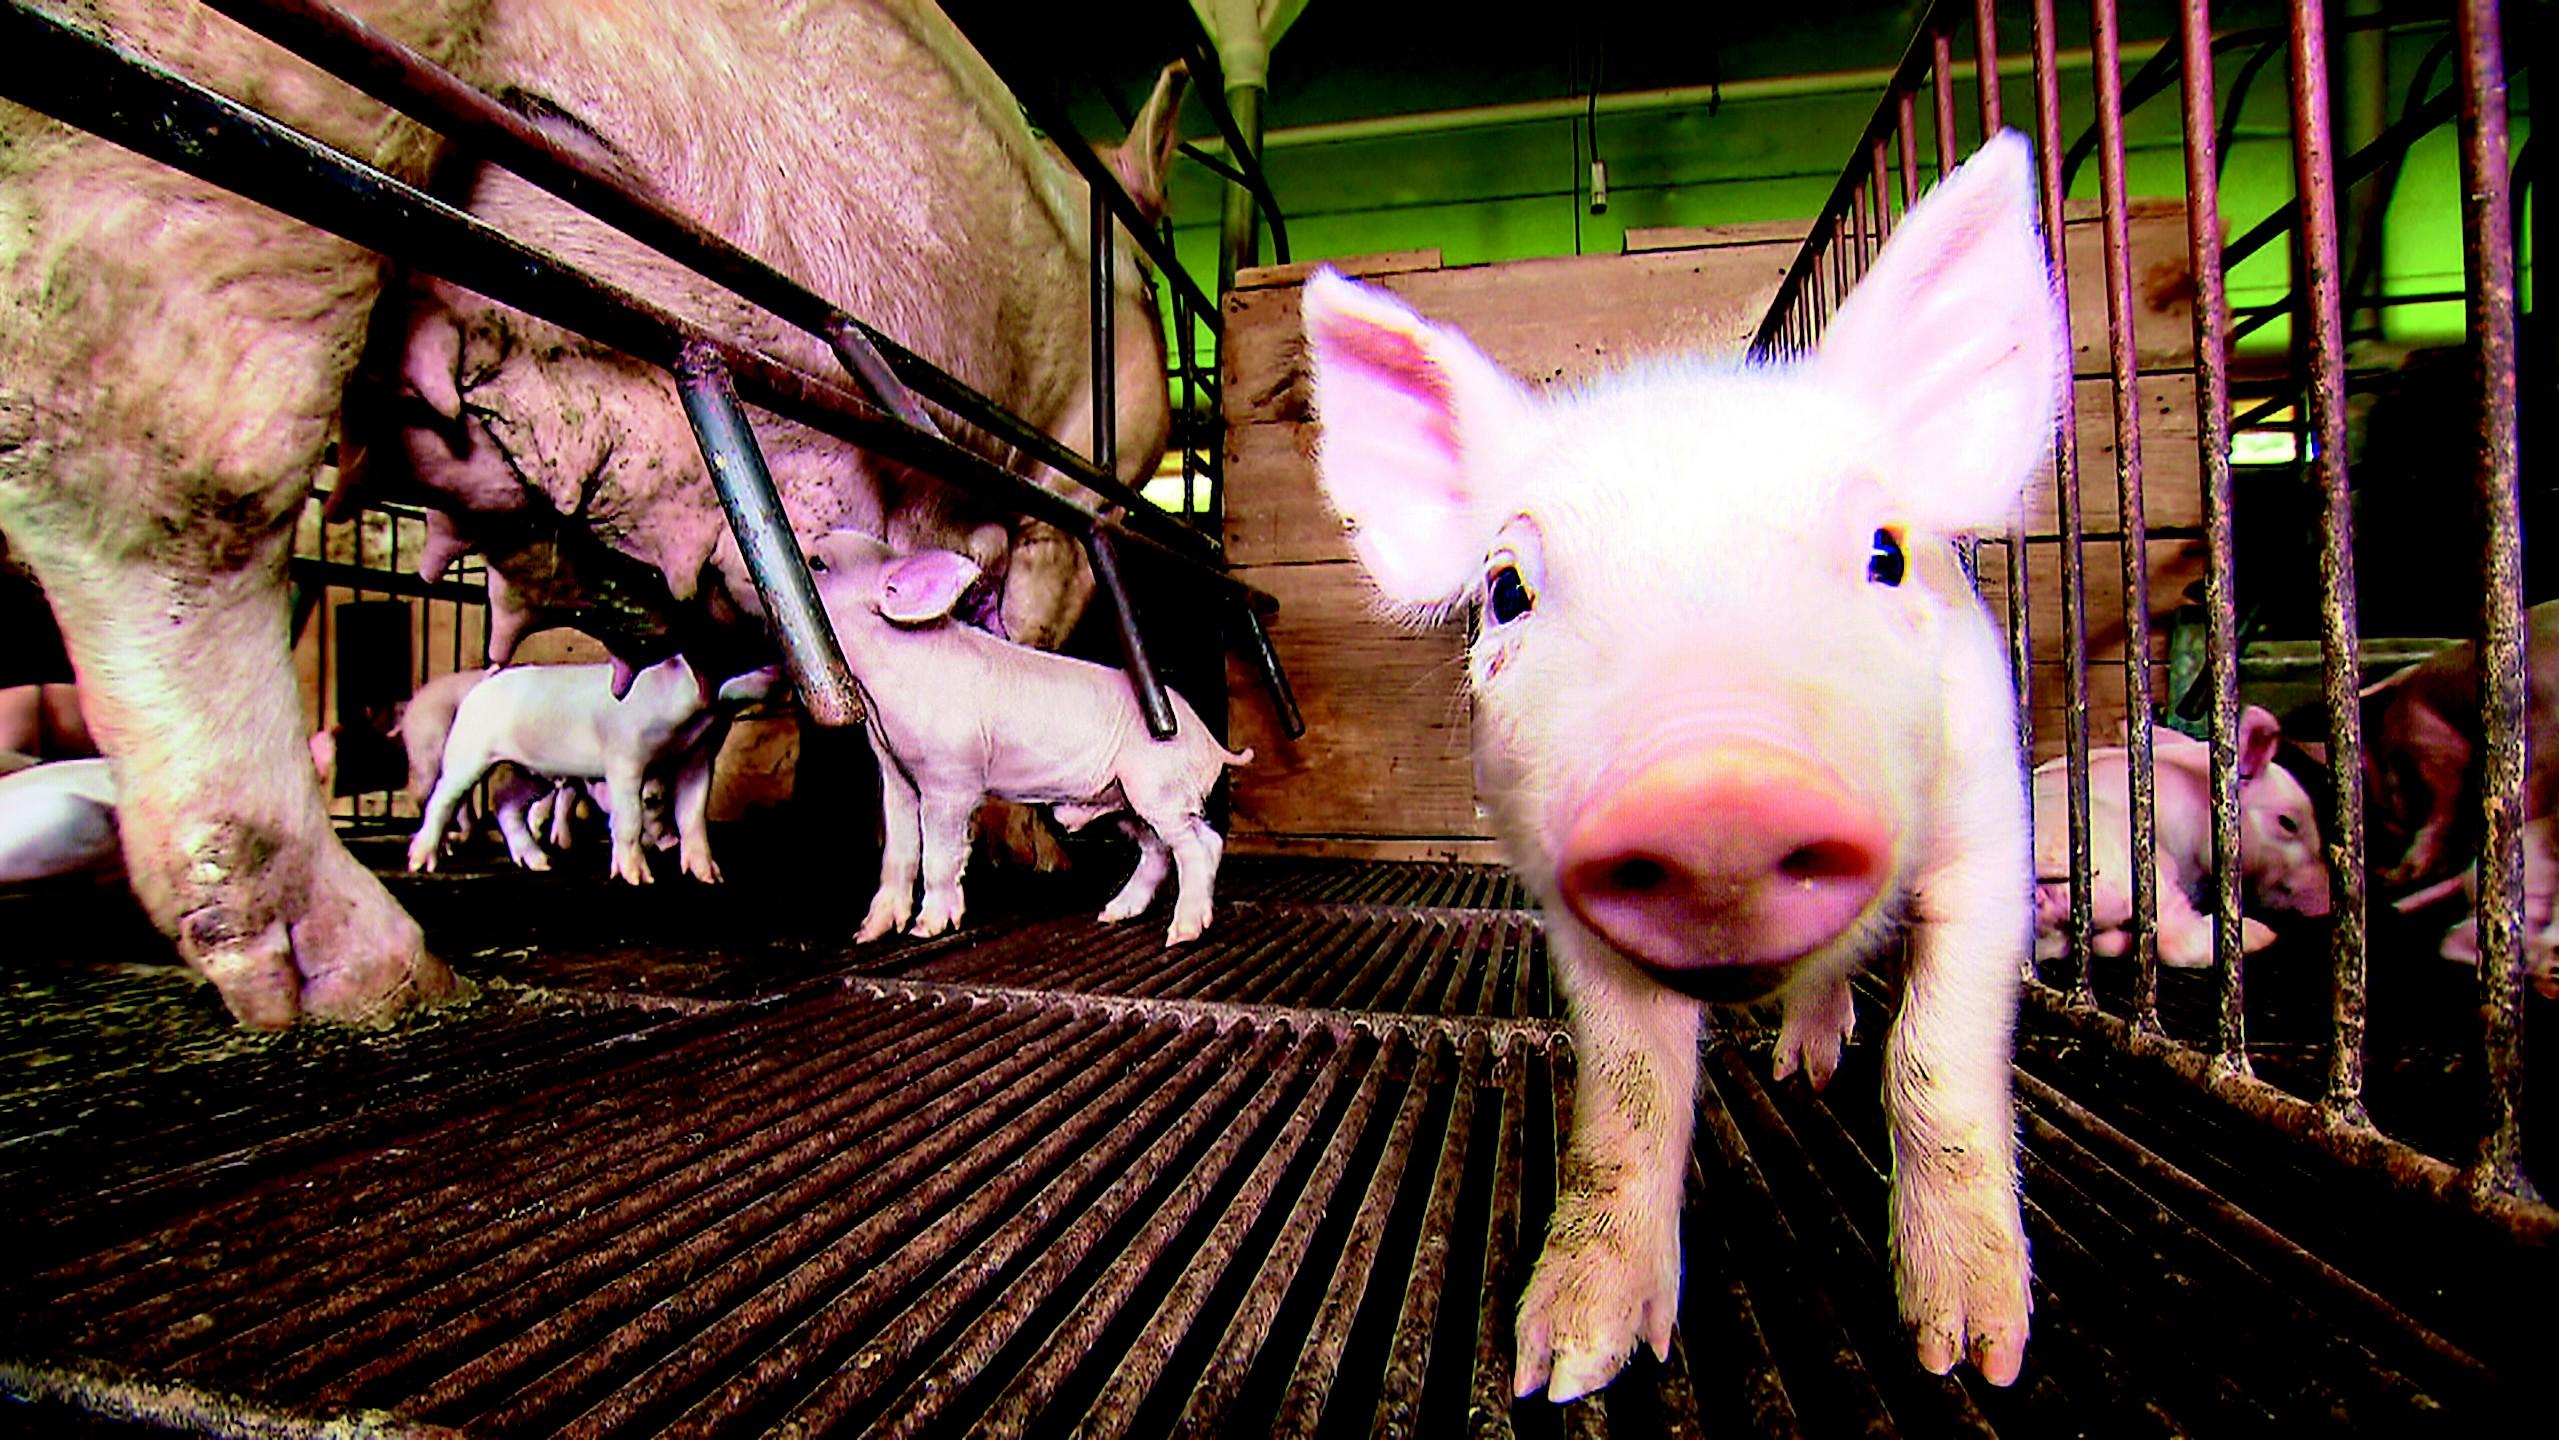 porco_genética_tv (Foto: Reprodução/TV Globo)